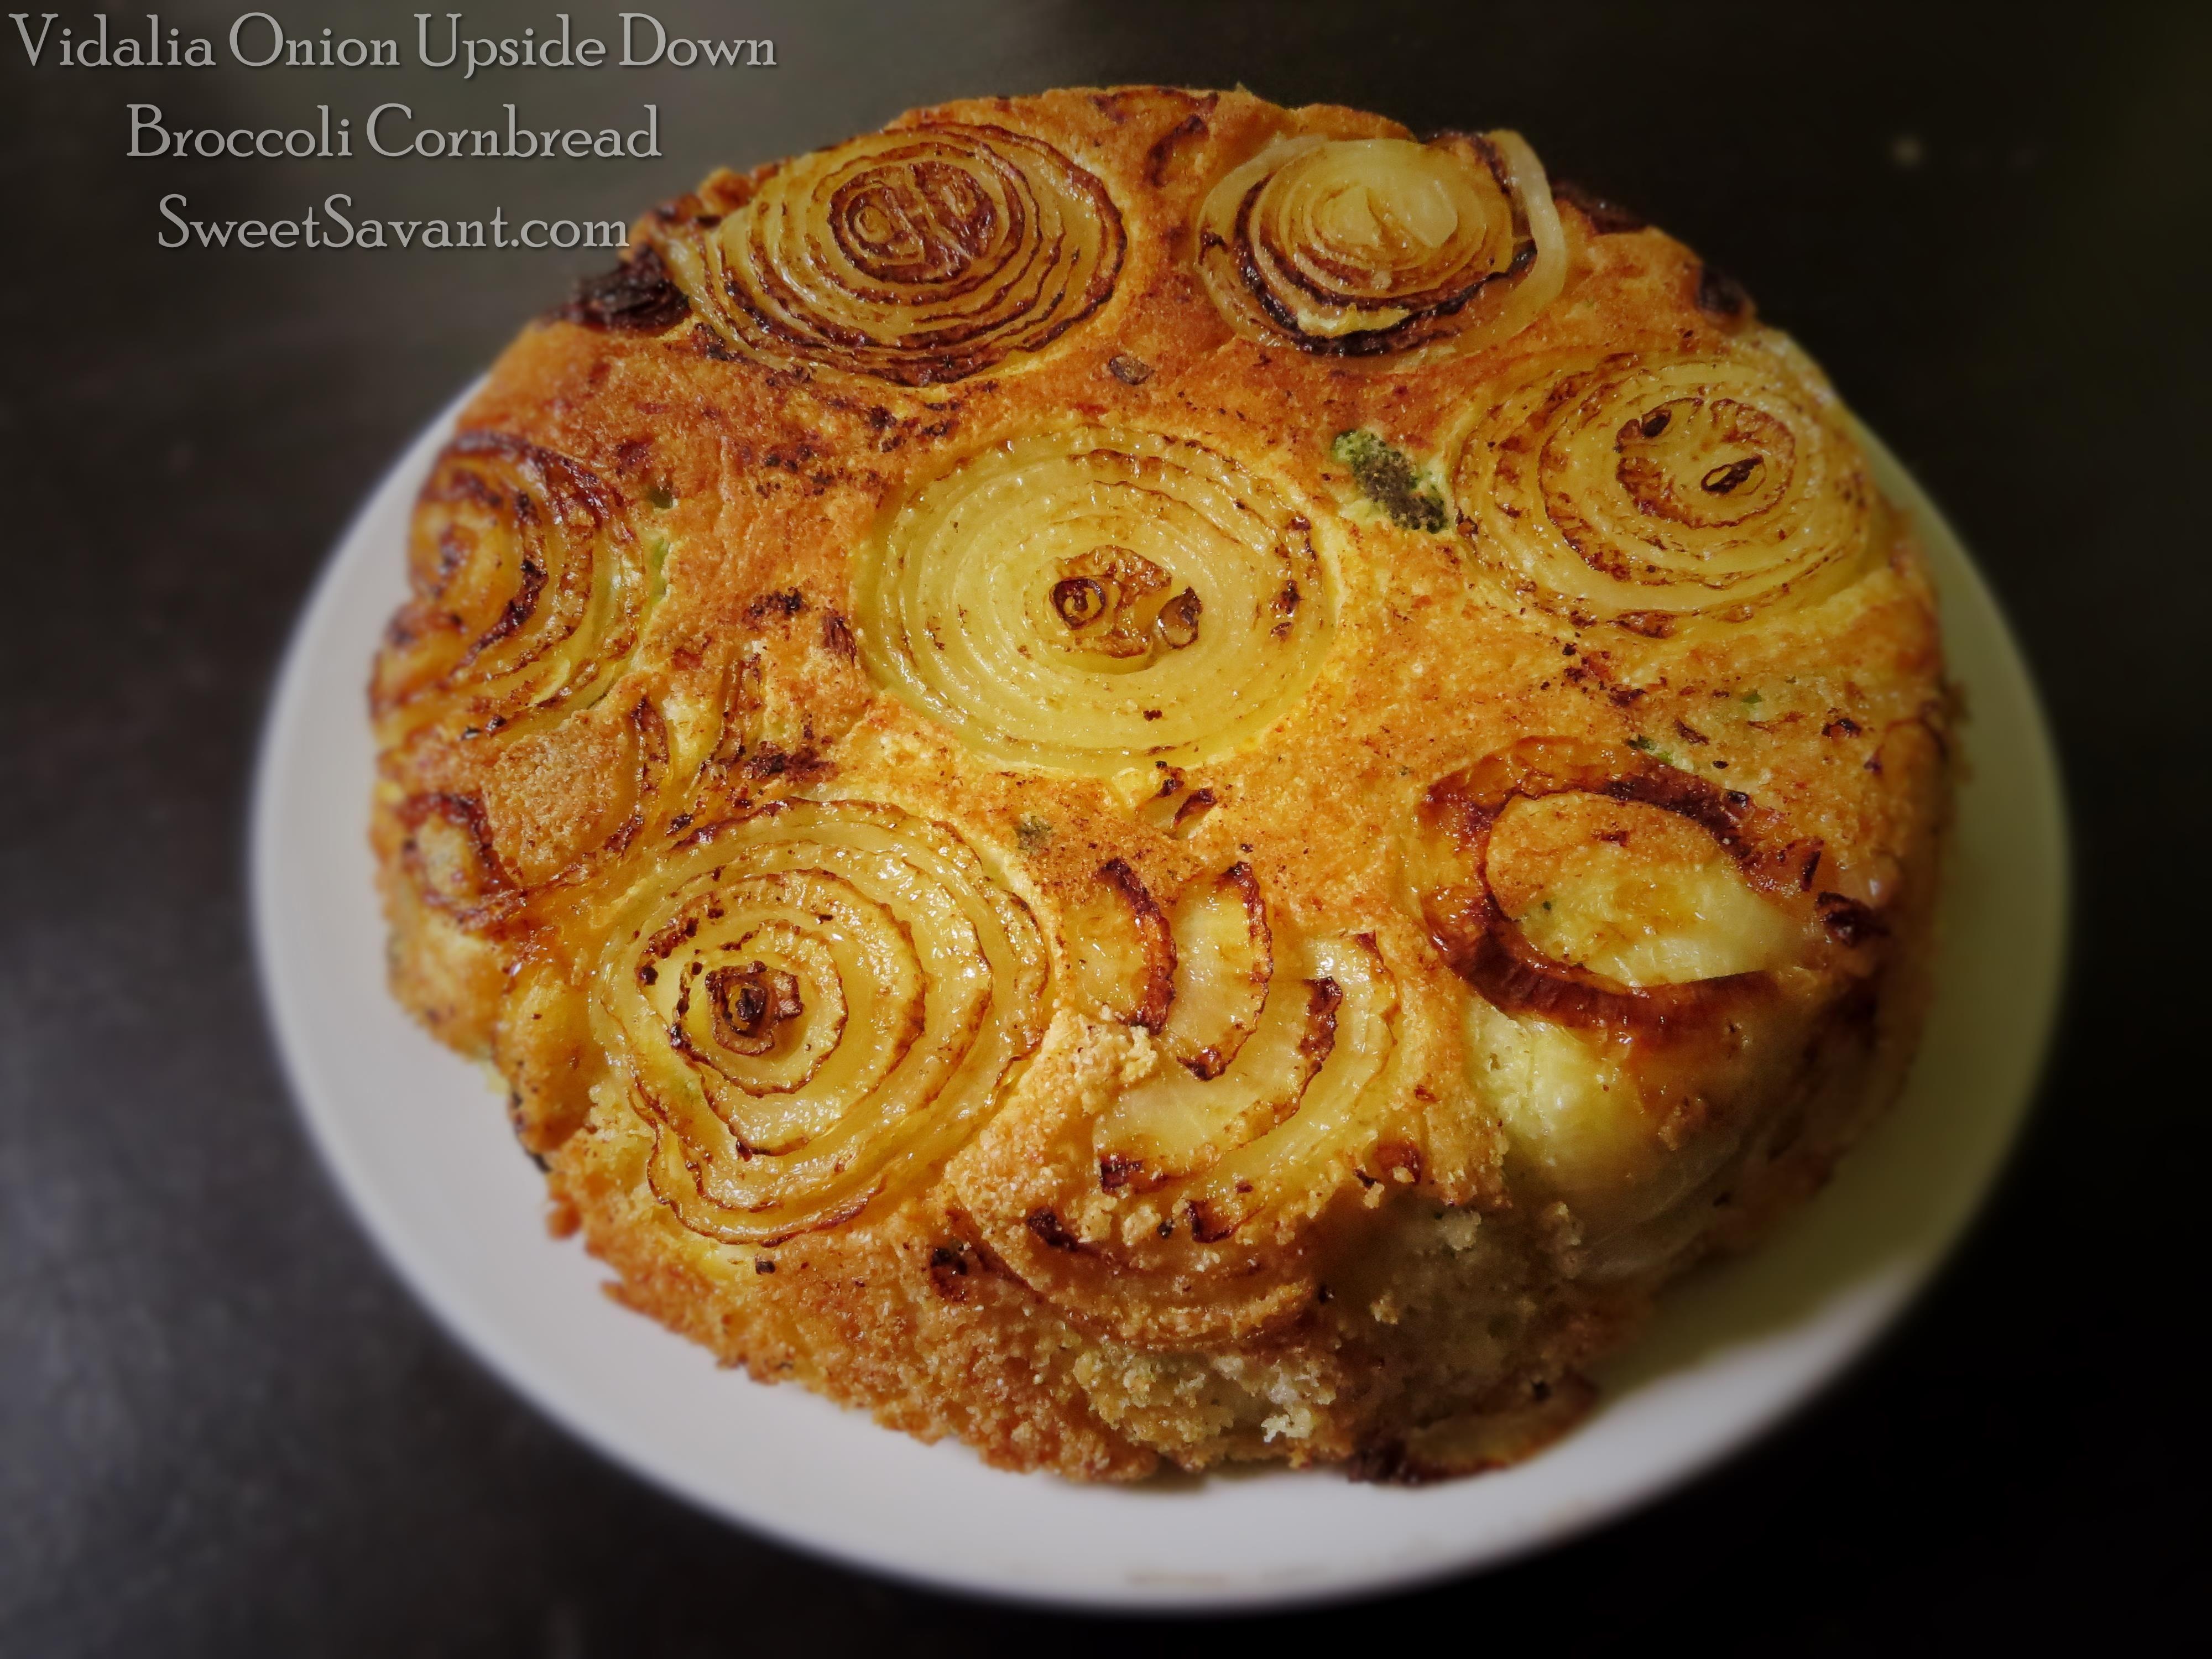 vidalia onion upside down cornbread recipe with video sweet savant recipe broccoli cornbread onion cornbread recipe recipes vidalia onion upside down cornbread